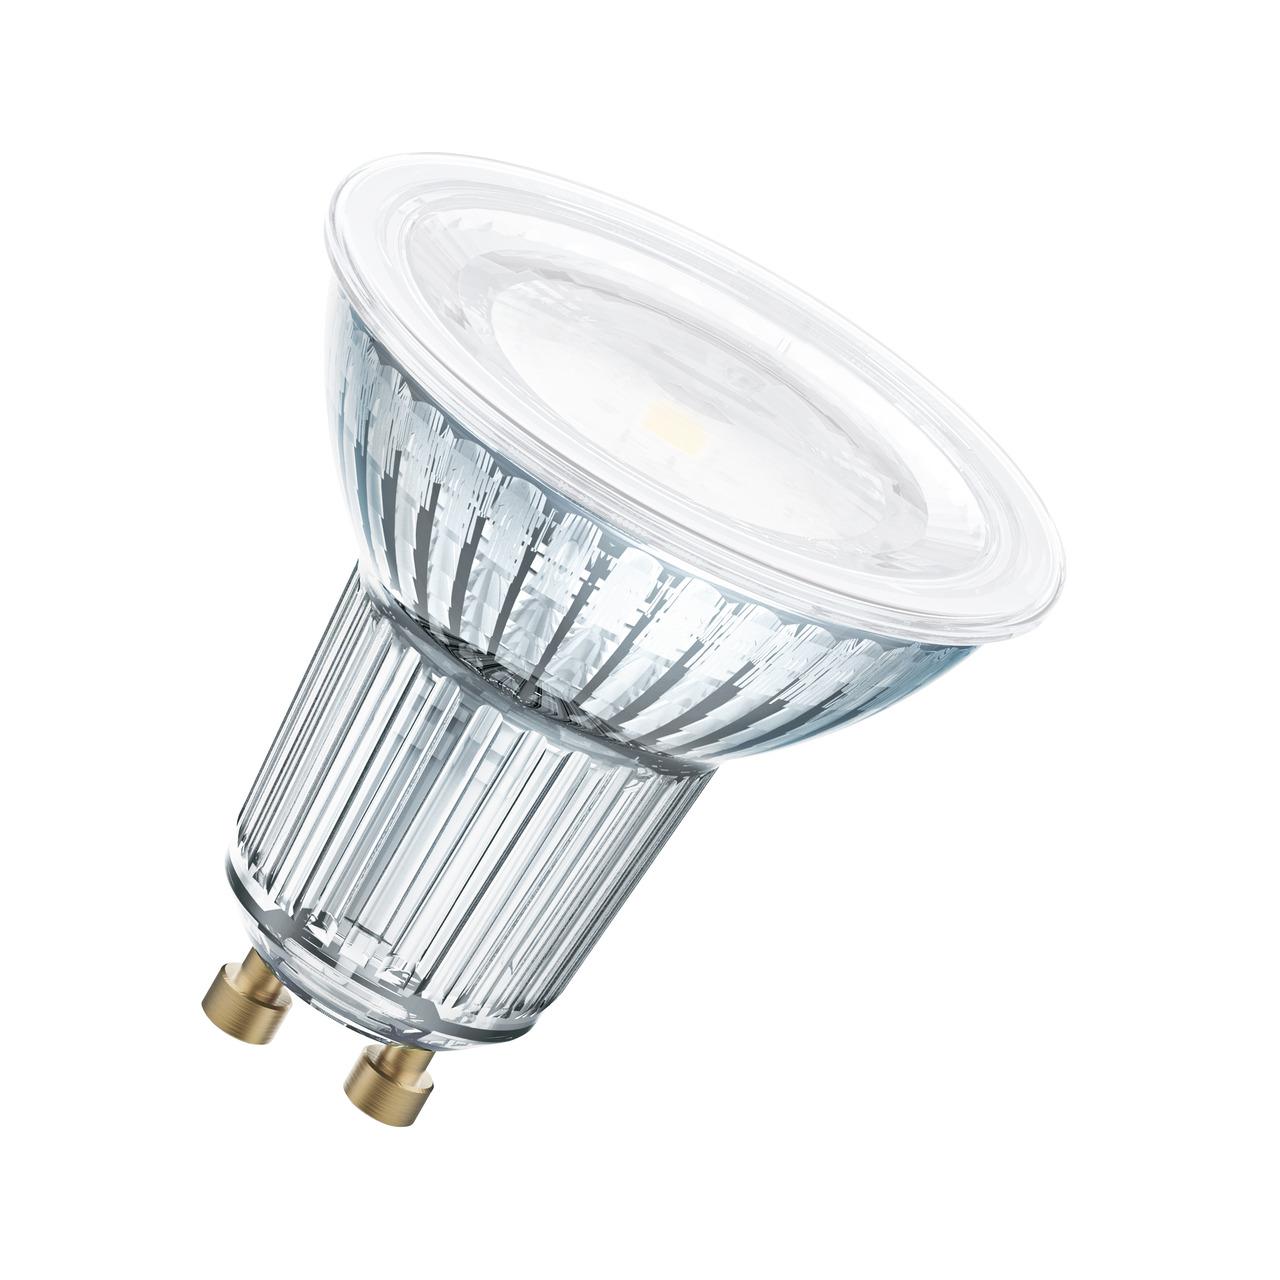 OSRAM 6-5-W-LED-Lampe PAR51- GU10- 570 lm- warmweiss- 120°